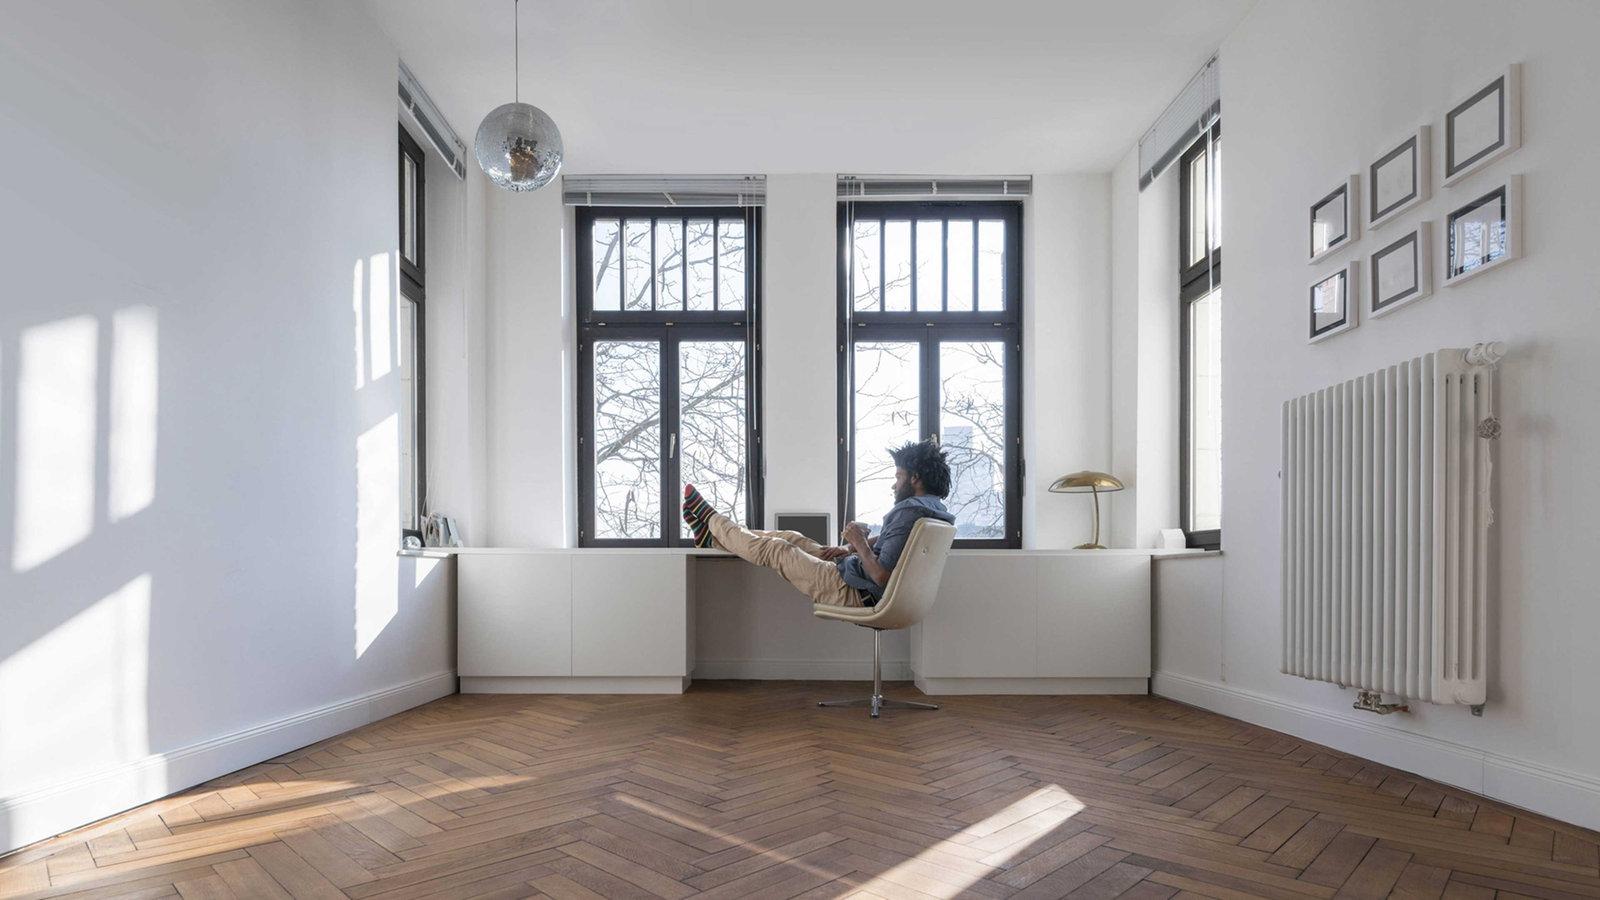 nachhaltigkeit specials magazin cosmo radio wdr. Black Bedroom Furniture Sets. Home Design Ideas